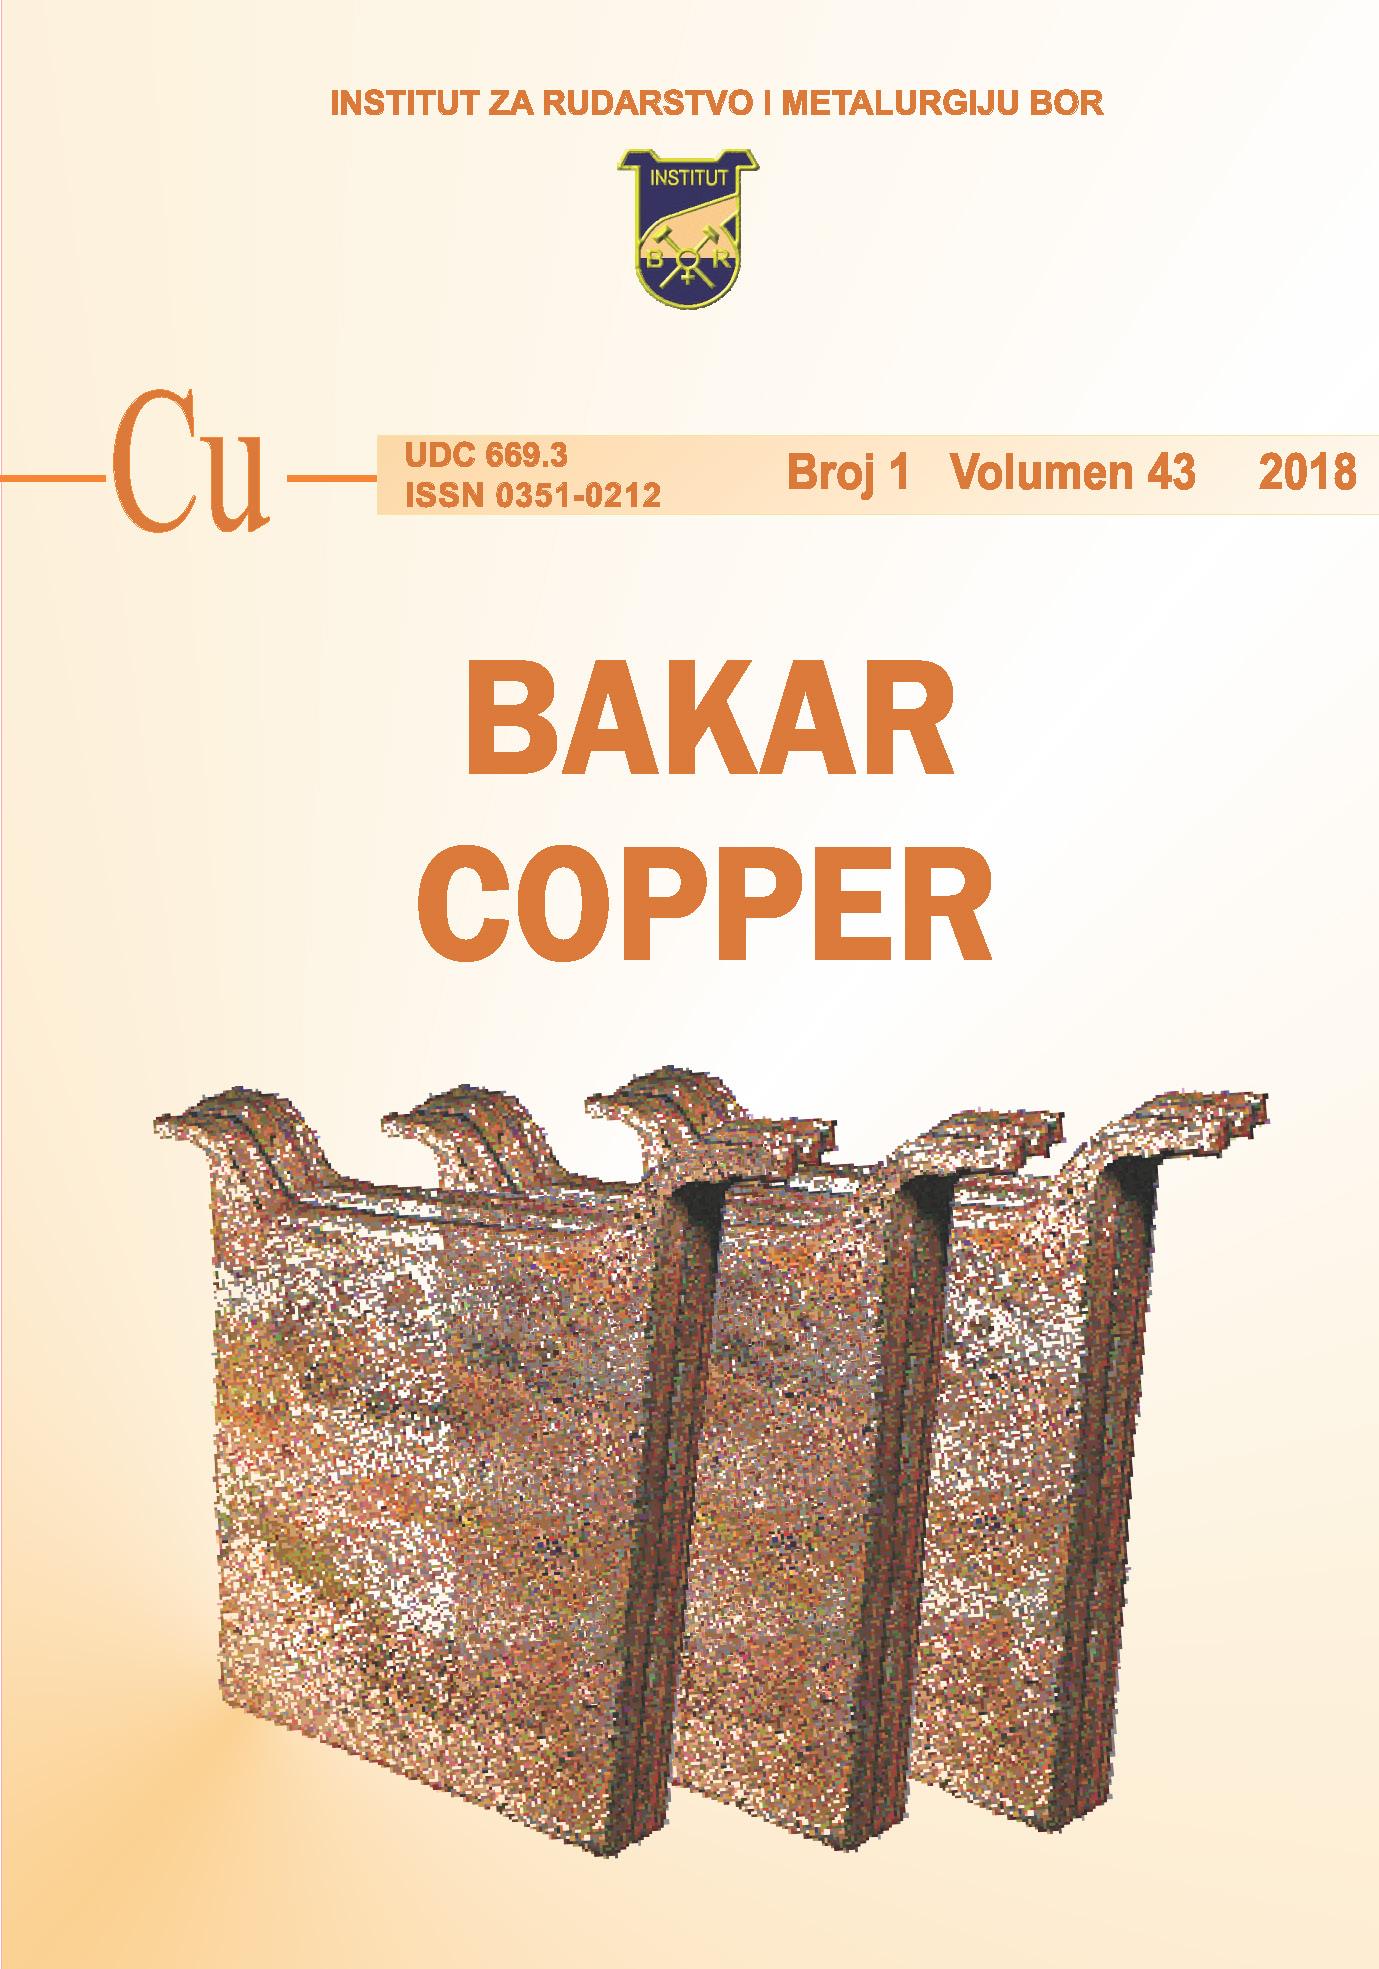 Bakar 1 2018_Page_01